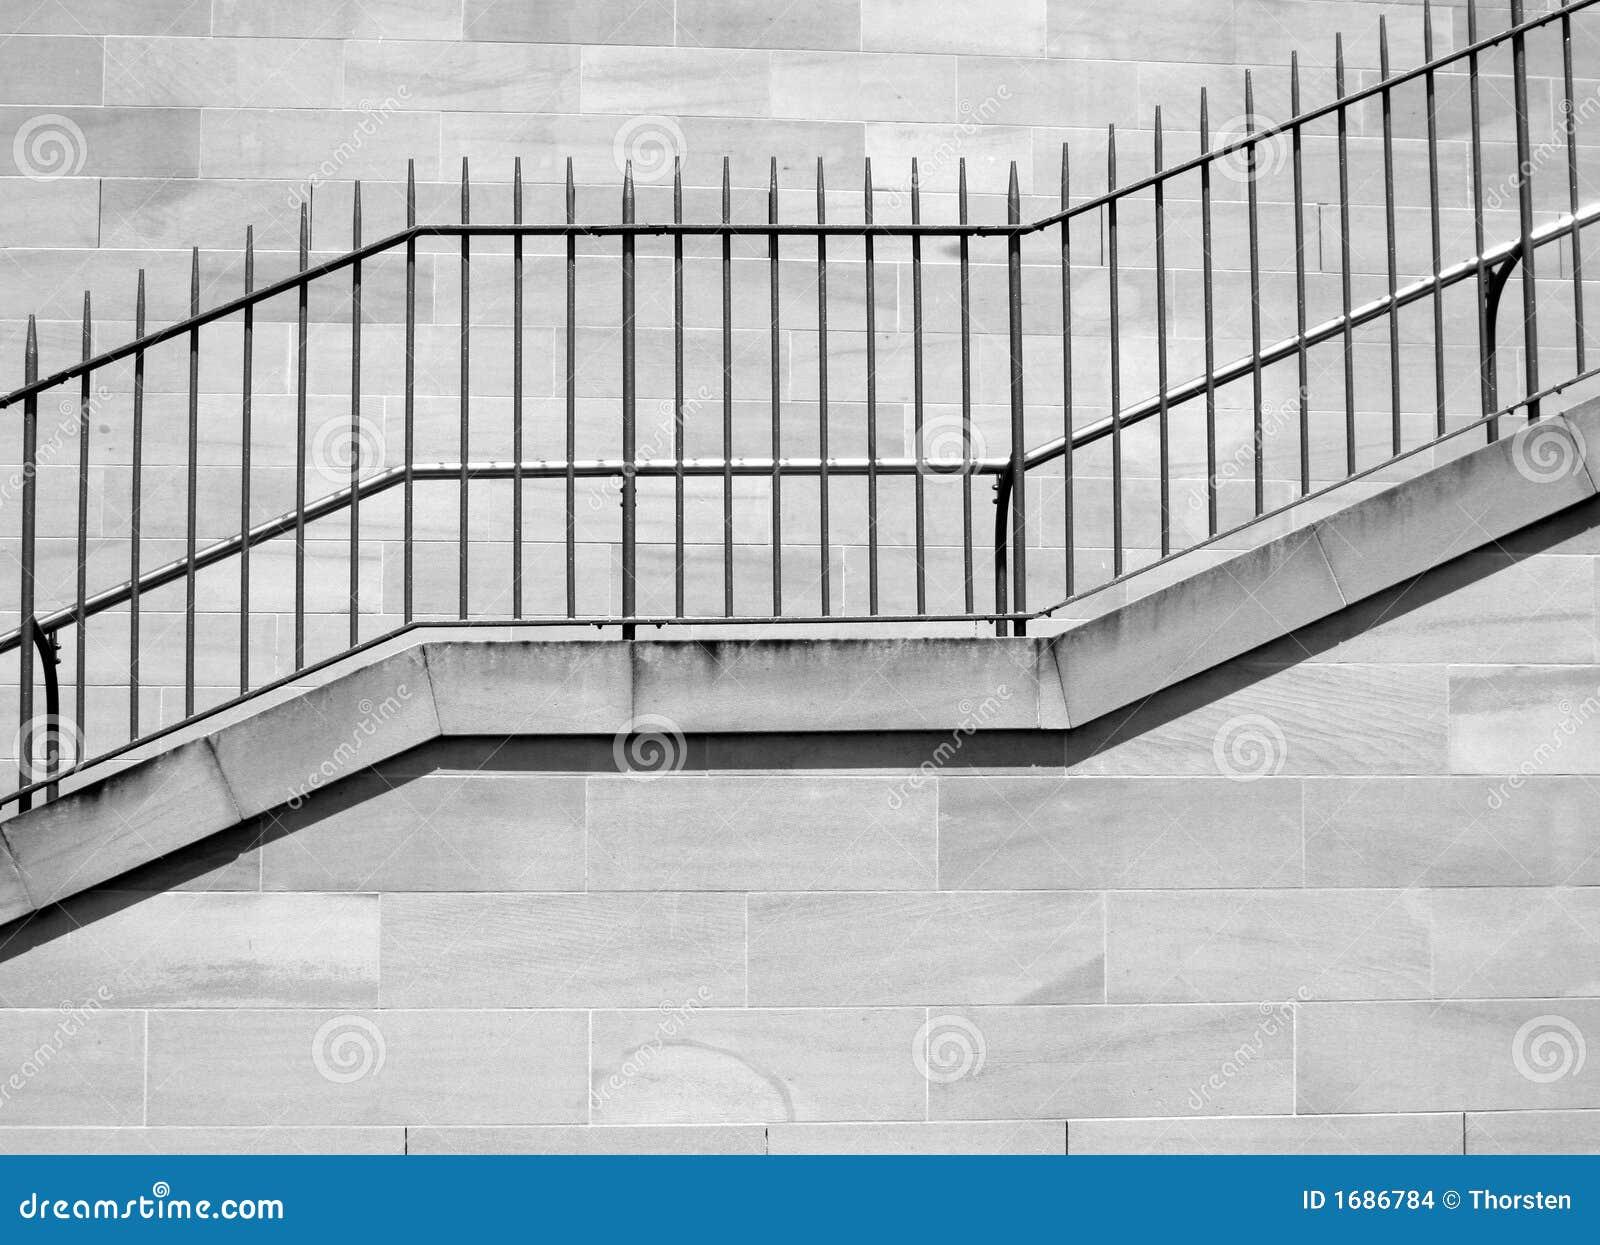 Escaleras al aire libre imagenes de archivo imagen 1686784 - Escaleras al aire ...